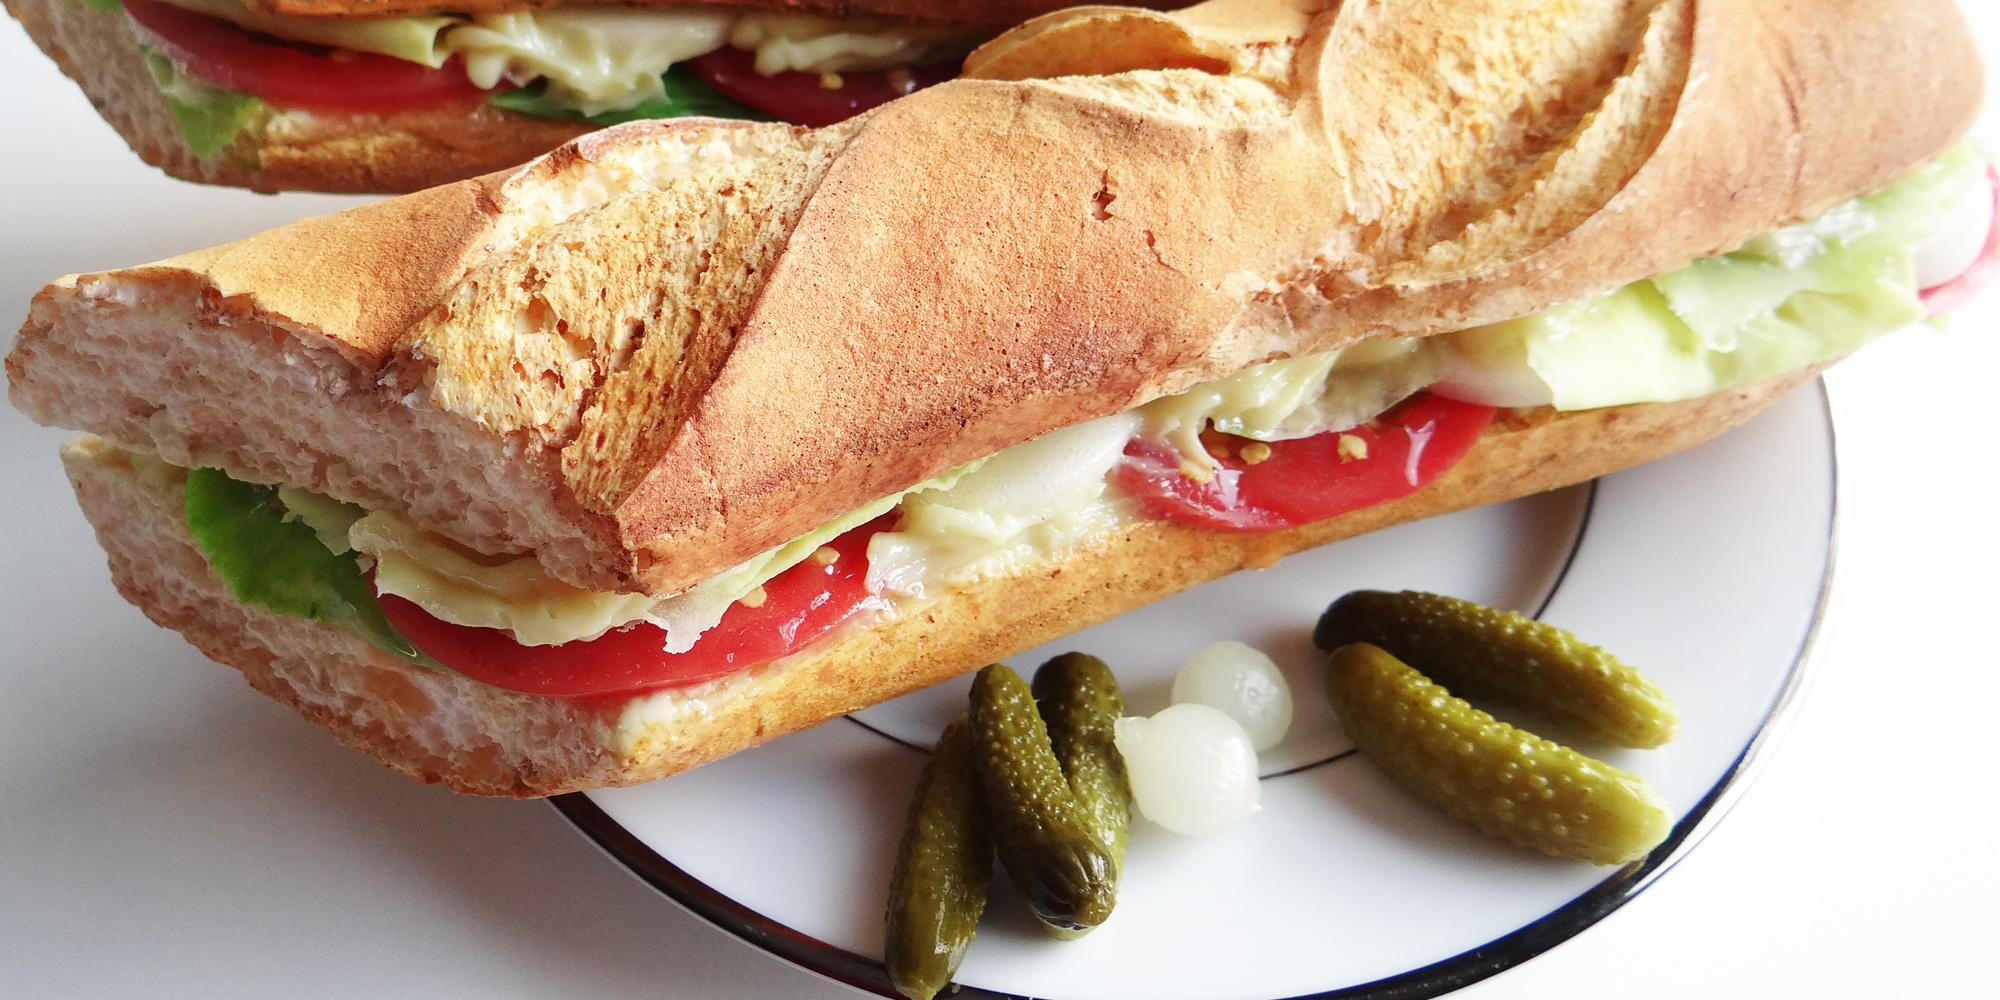 sandwich baguette factice en résine avec tous les éléments tomates, mayo ...factices également